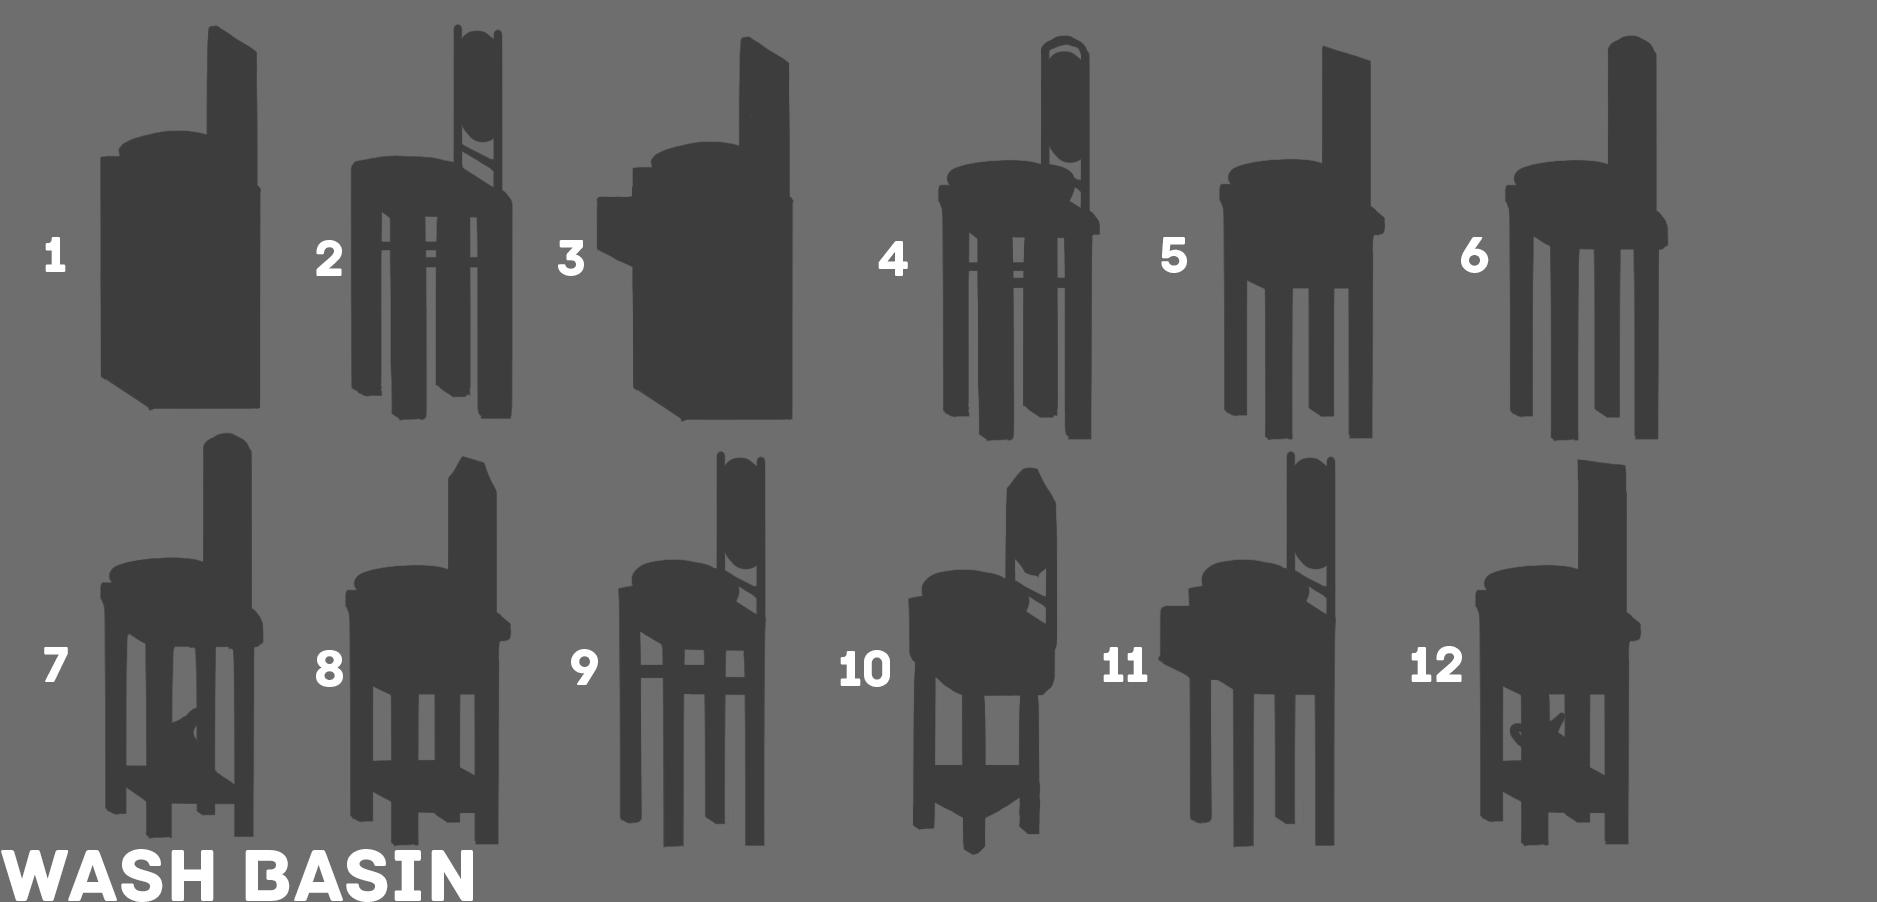 10a RD4 WashBasin Thumbnails